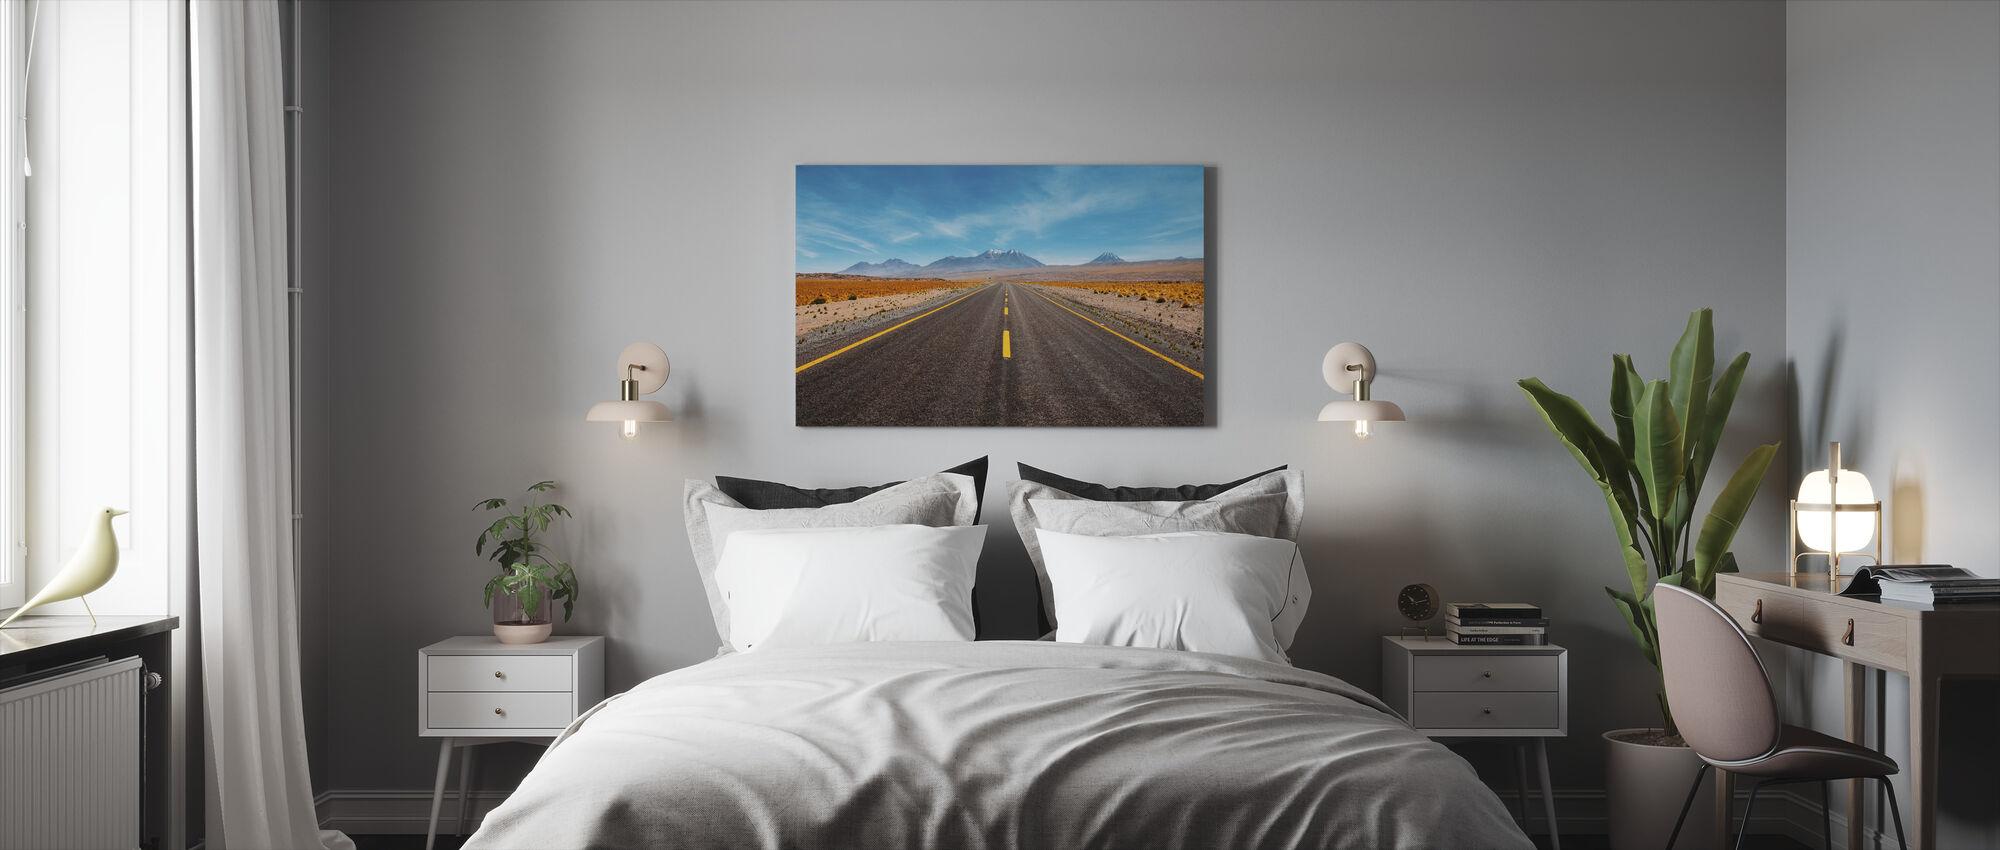 Desert Highway - Lerretsbilde - Soverom